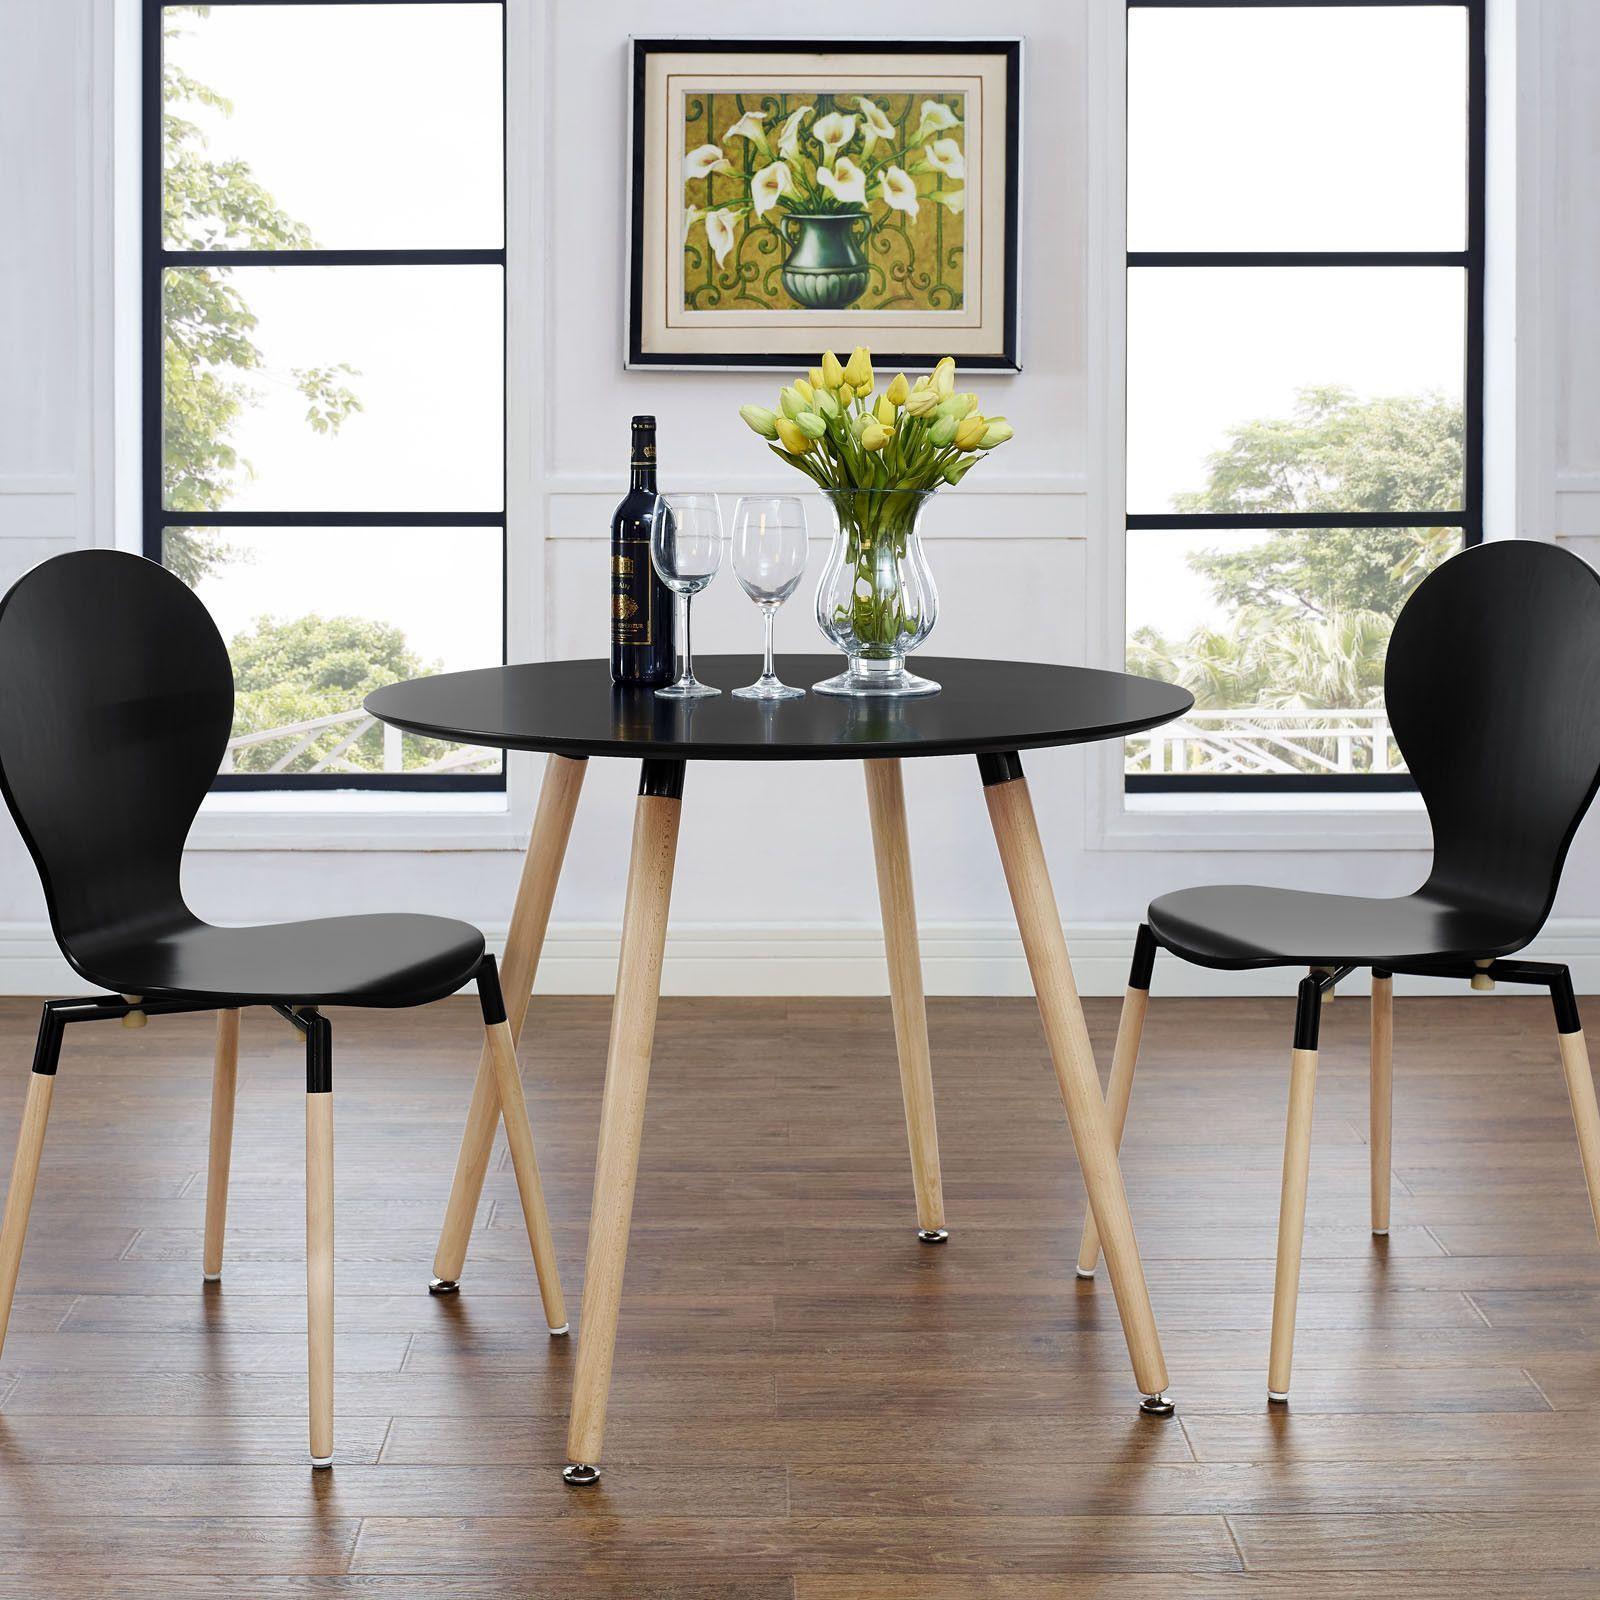 Minimalist Modern Dining Table Circular Dining Table Dining Table Black Round Dining Table